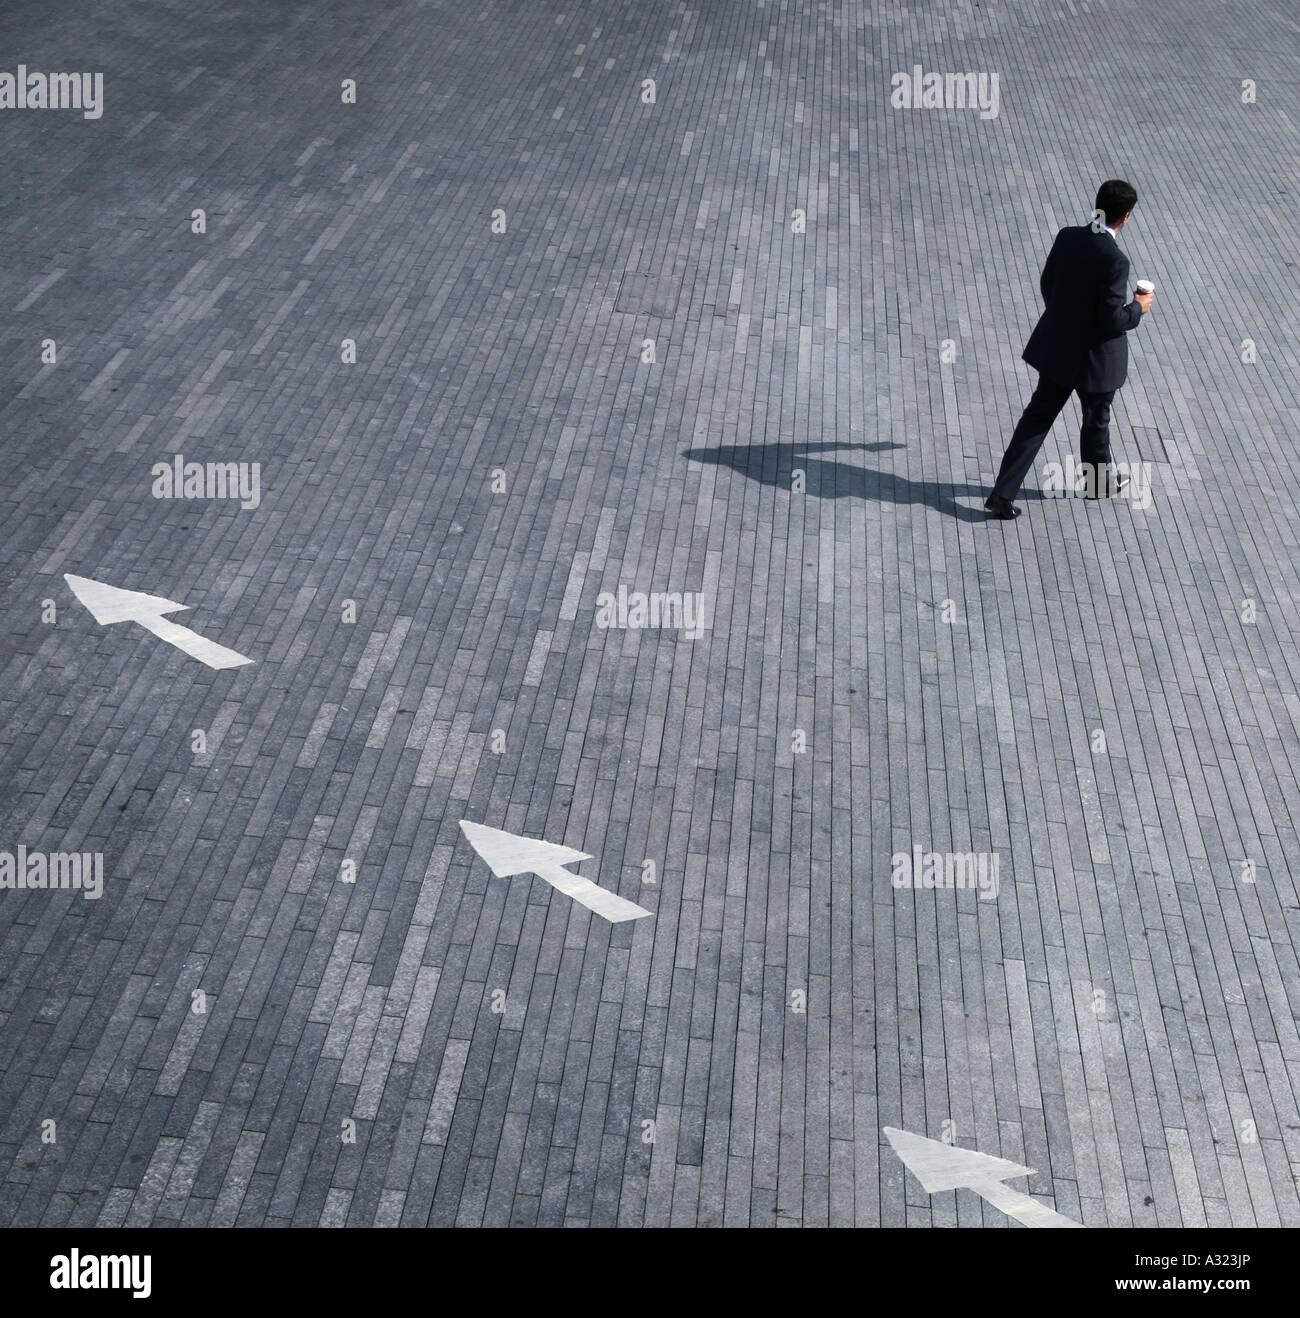 Geschäftskonzept, ein Mann zu Fuß in die entgegengesetzte Richtung der Pfeile Stockbild